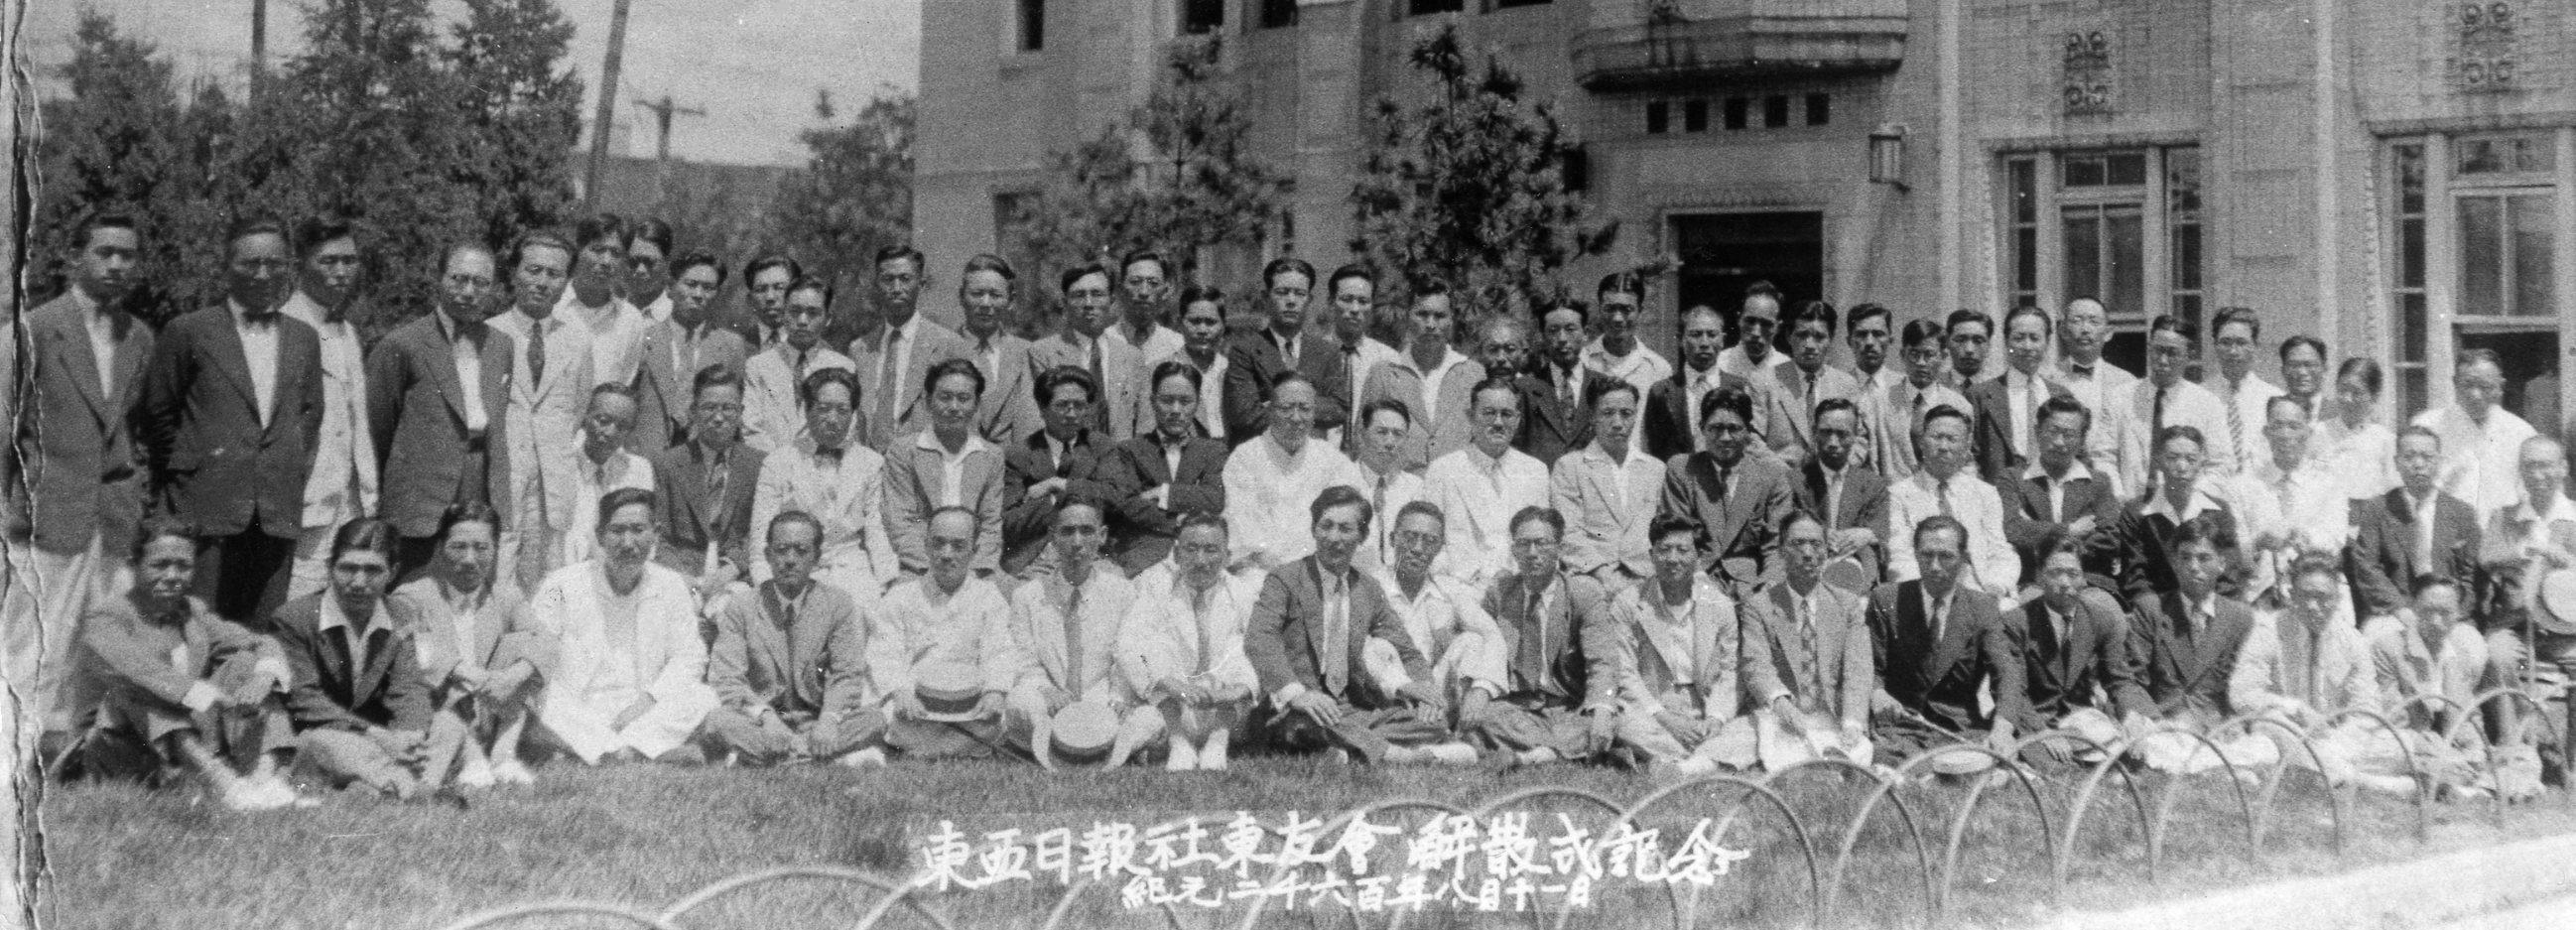 동아일보폐간기념사진